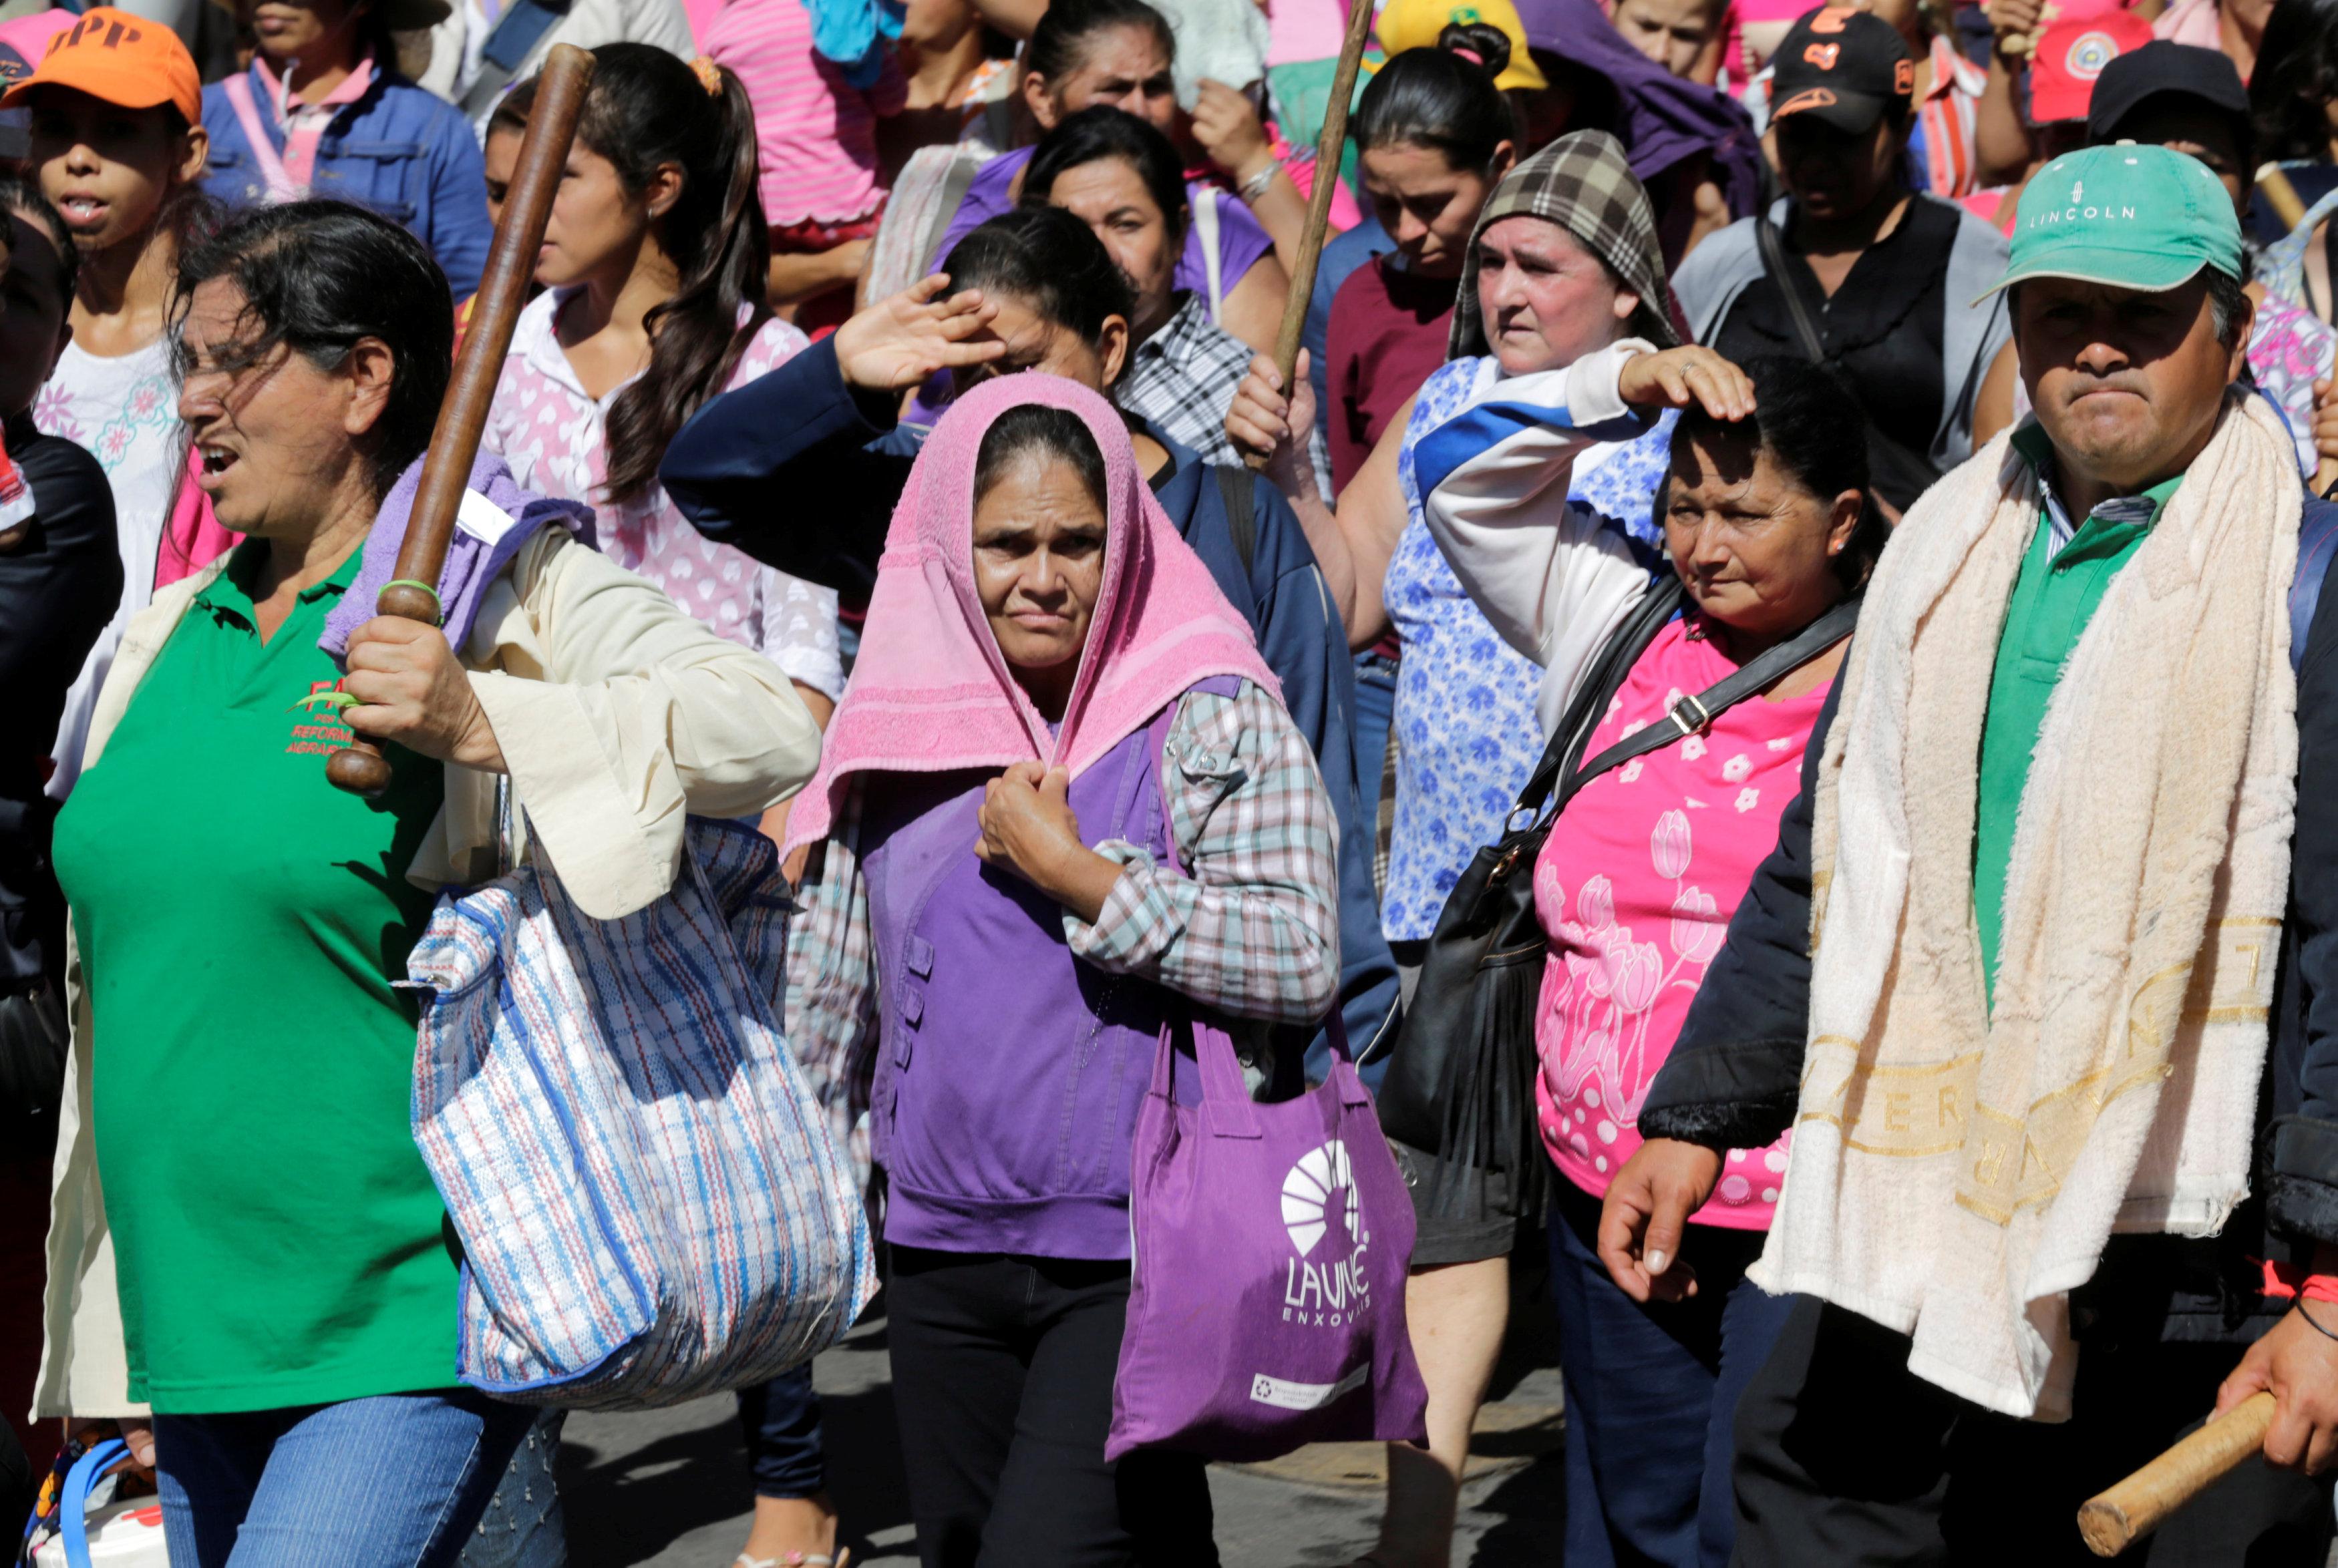 تظاهرات الأعضاء للمطالبة بإصلاحات زراعية